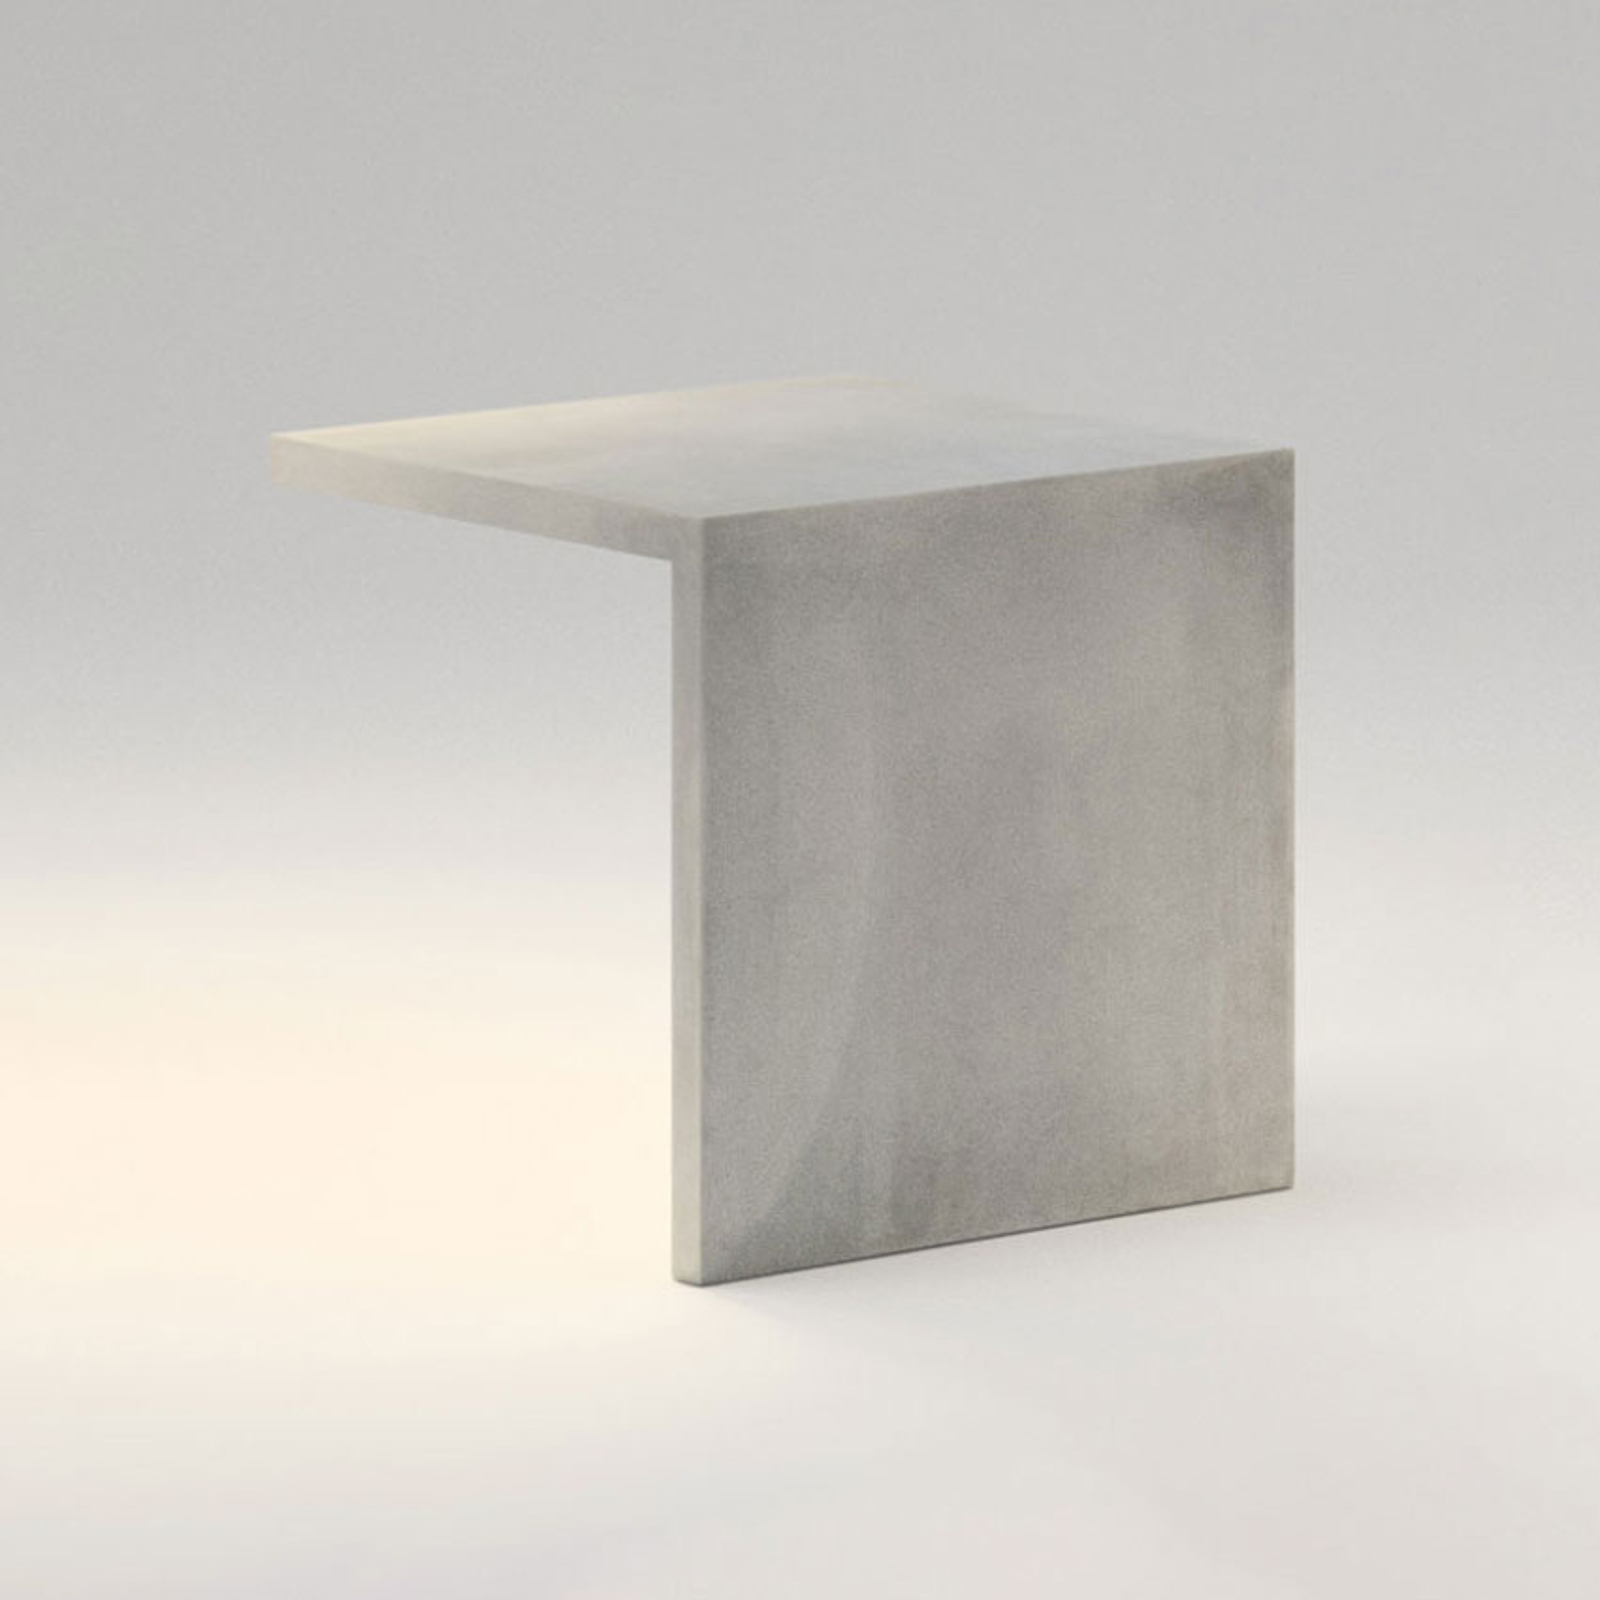 Vibia Empty 4135 buitenlamp van beton, 25 cm